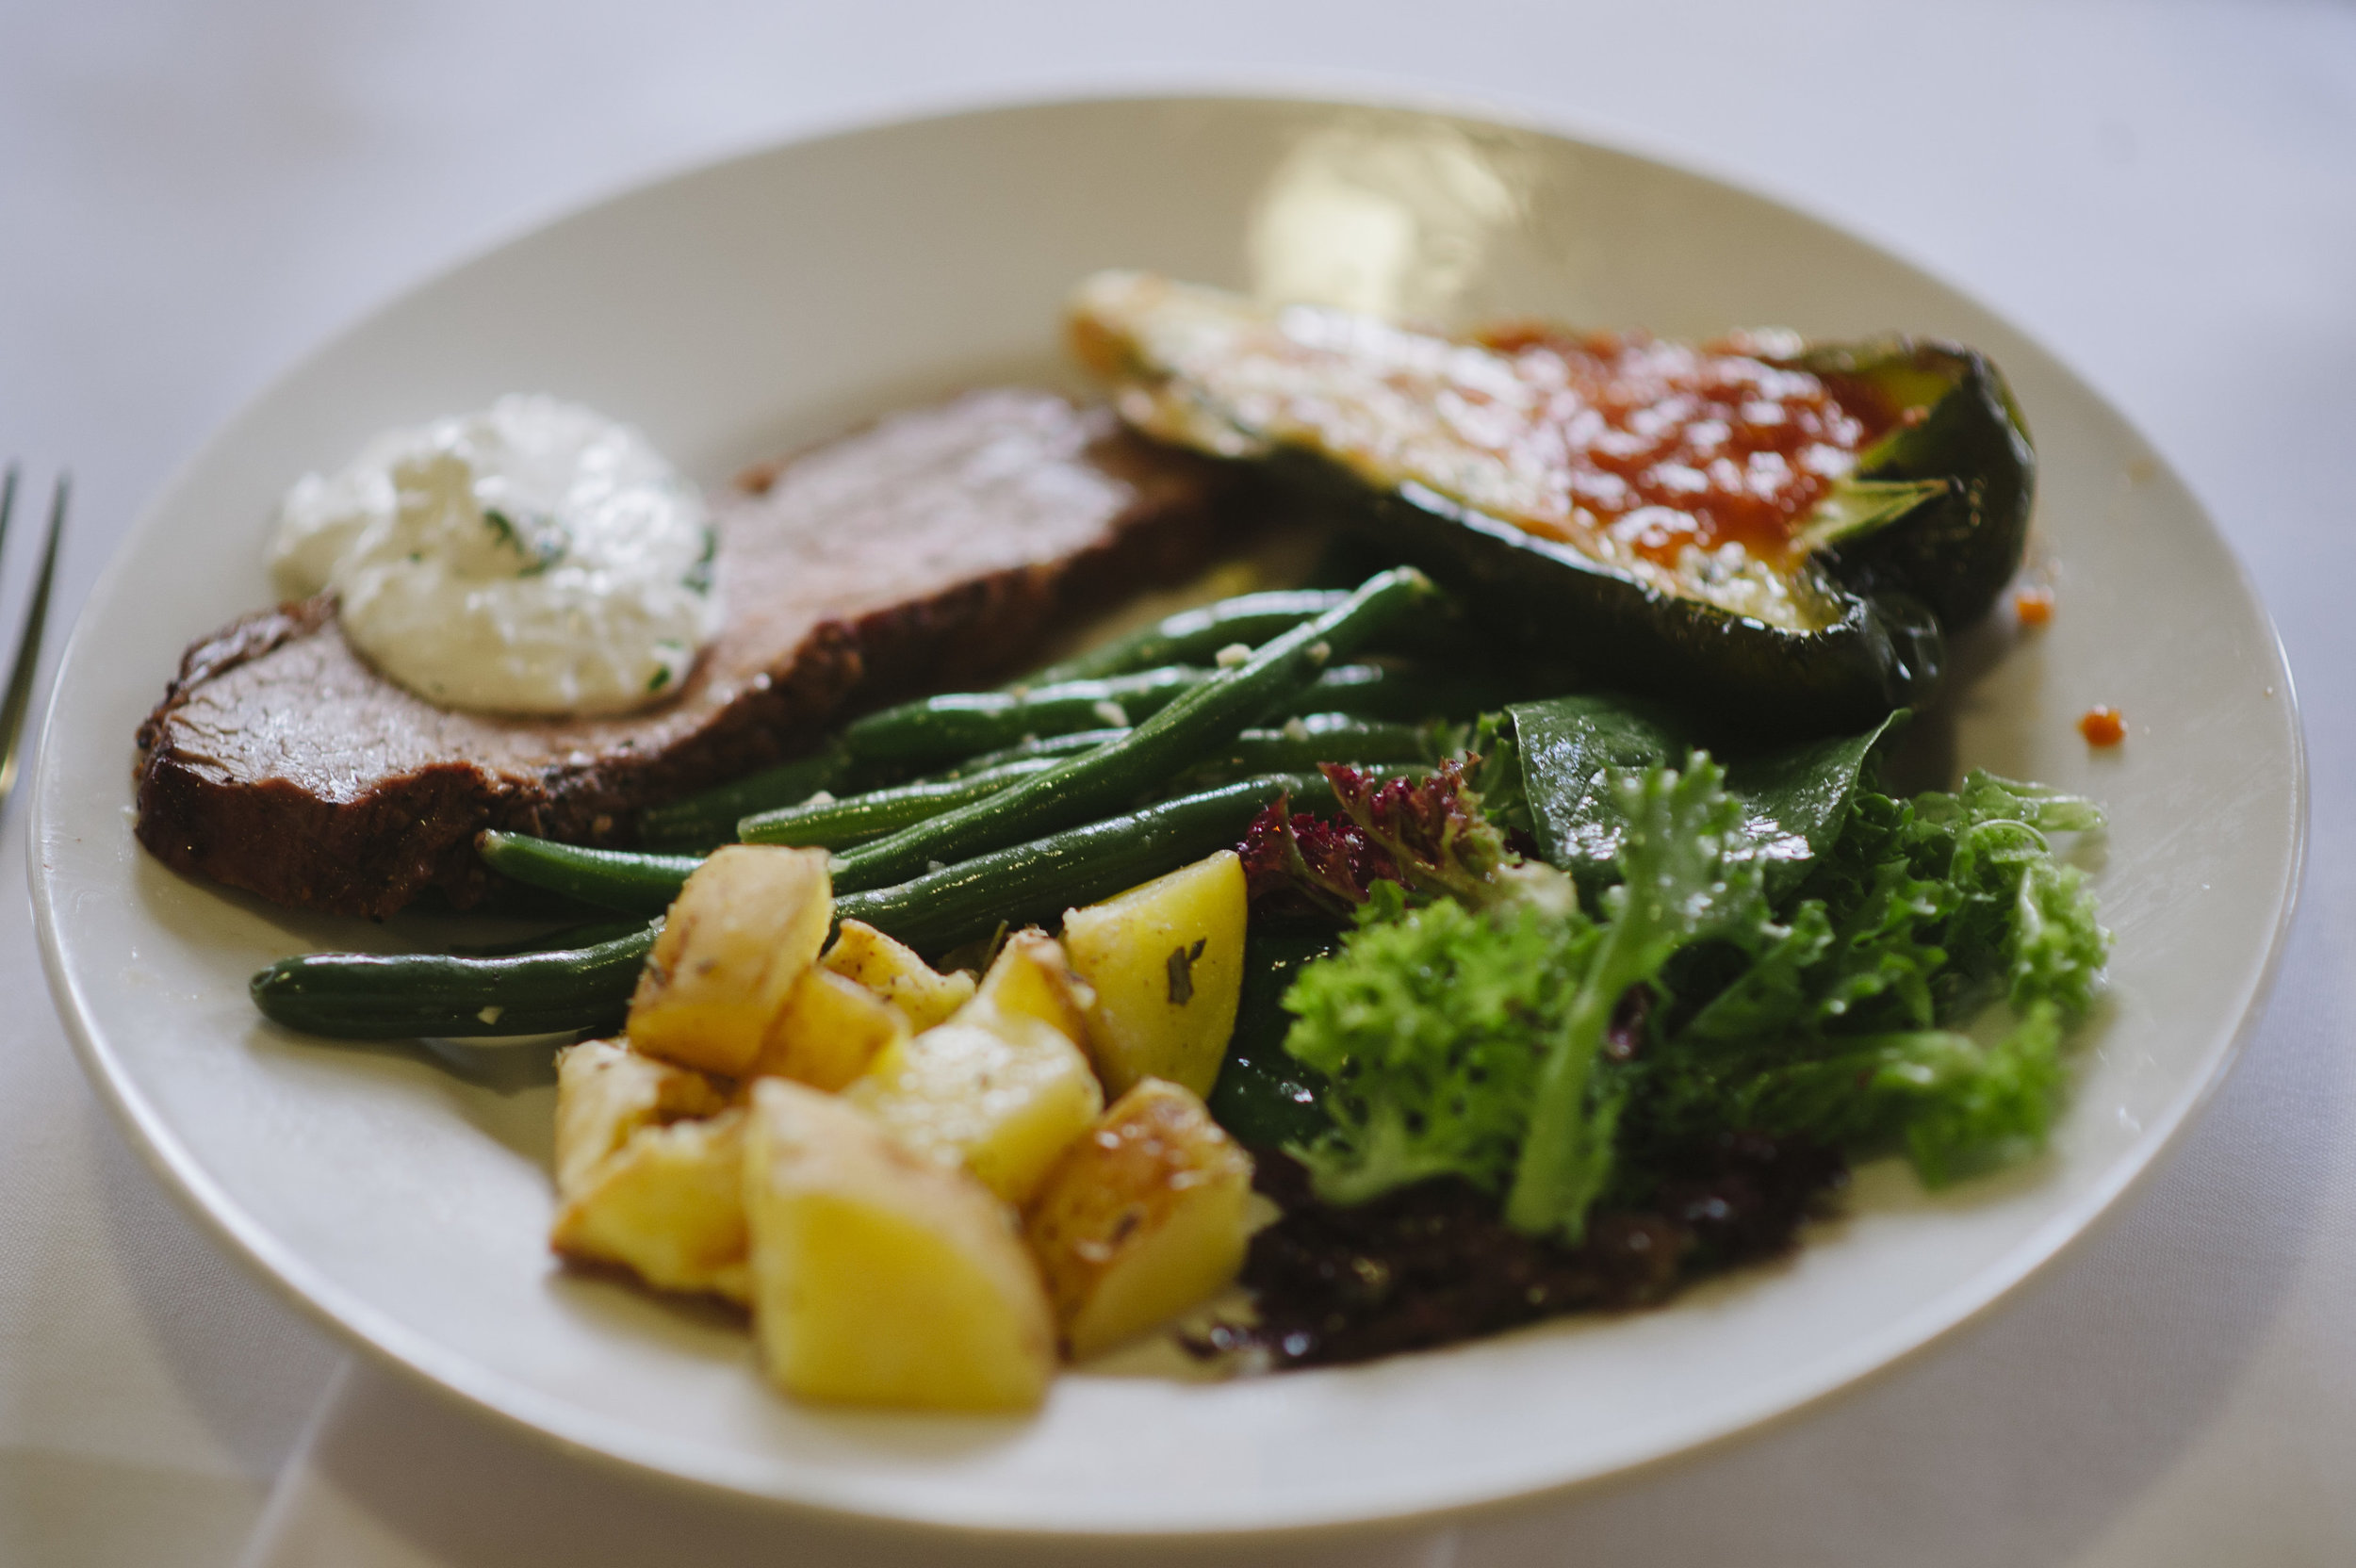 Catering: Fort Worden Photo Credit: Jen Lee Light